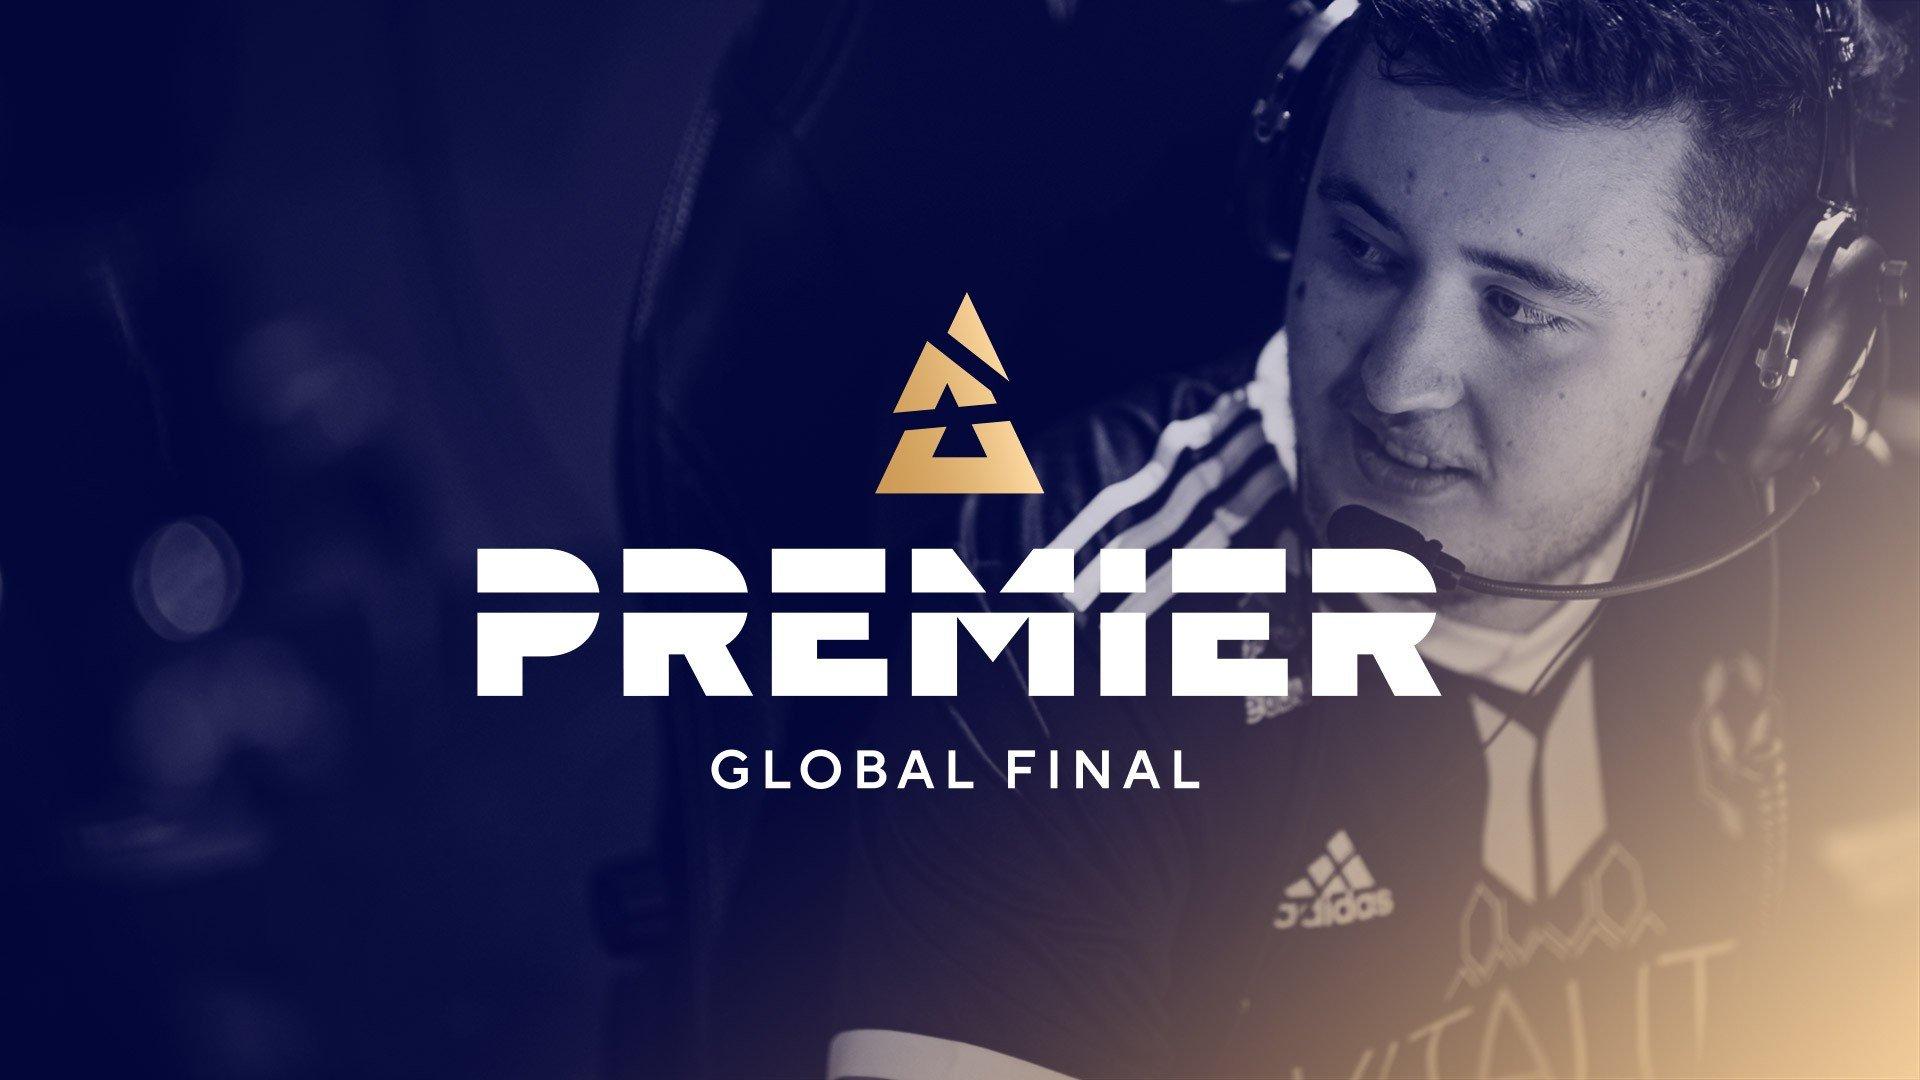 BLAST Premier: Global Final 2020: прогнозы, ставки и коэффициенты букмекеров на турнир по CS:GO 19-24 января 2021 года